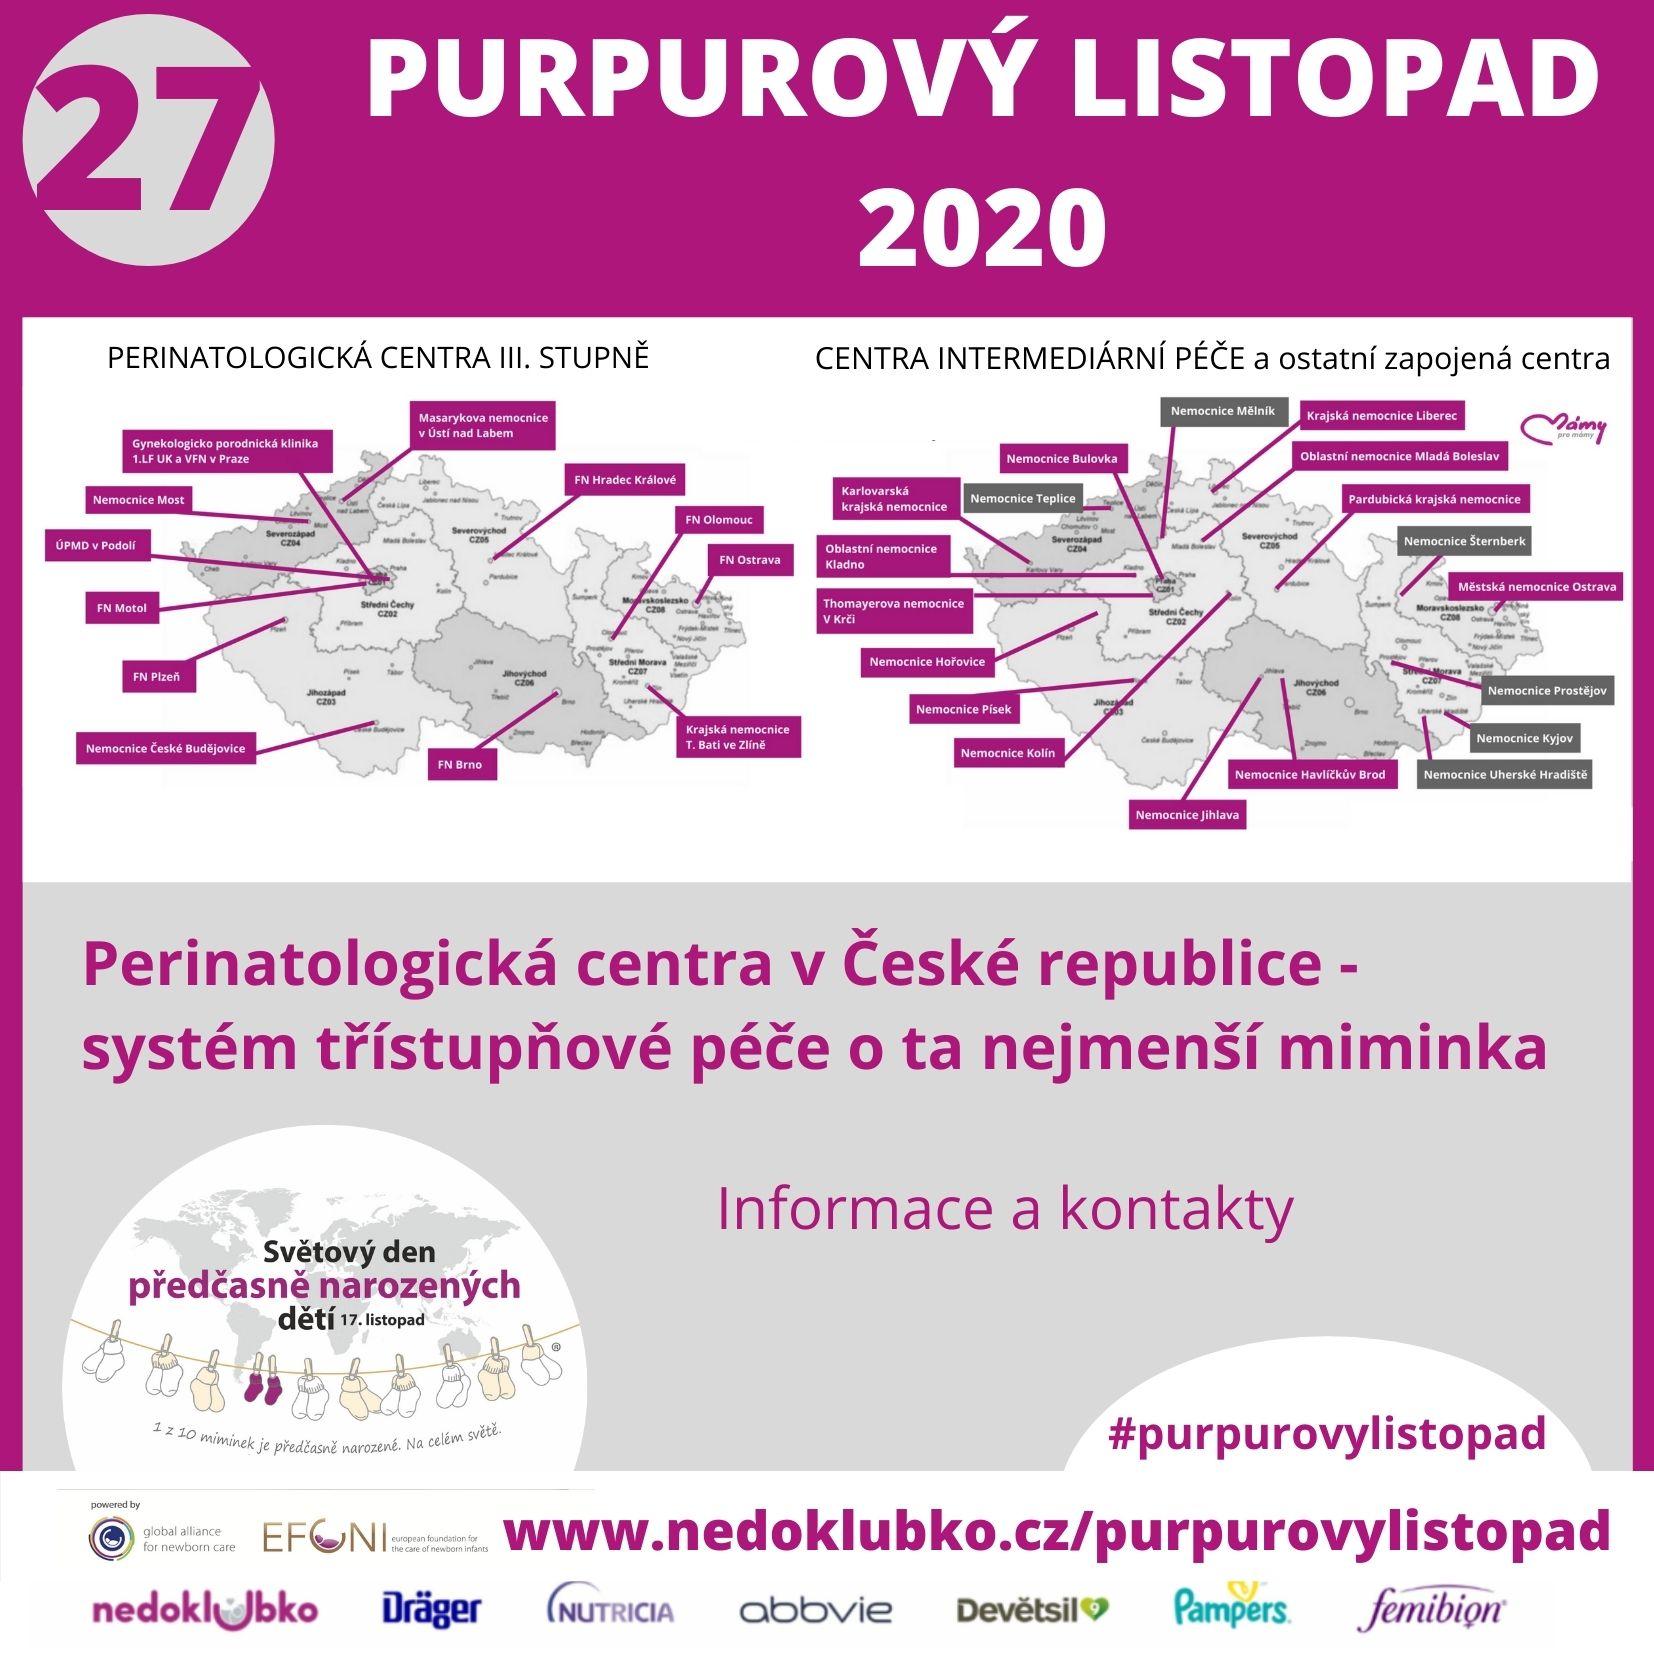 Purpurový listopad27